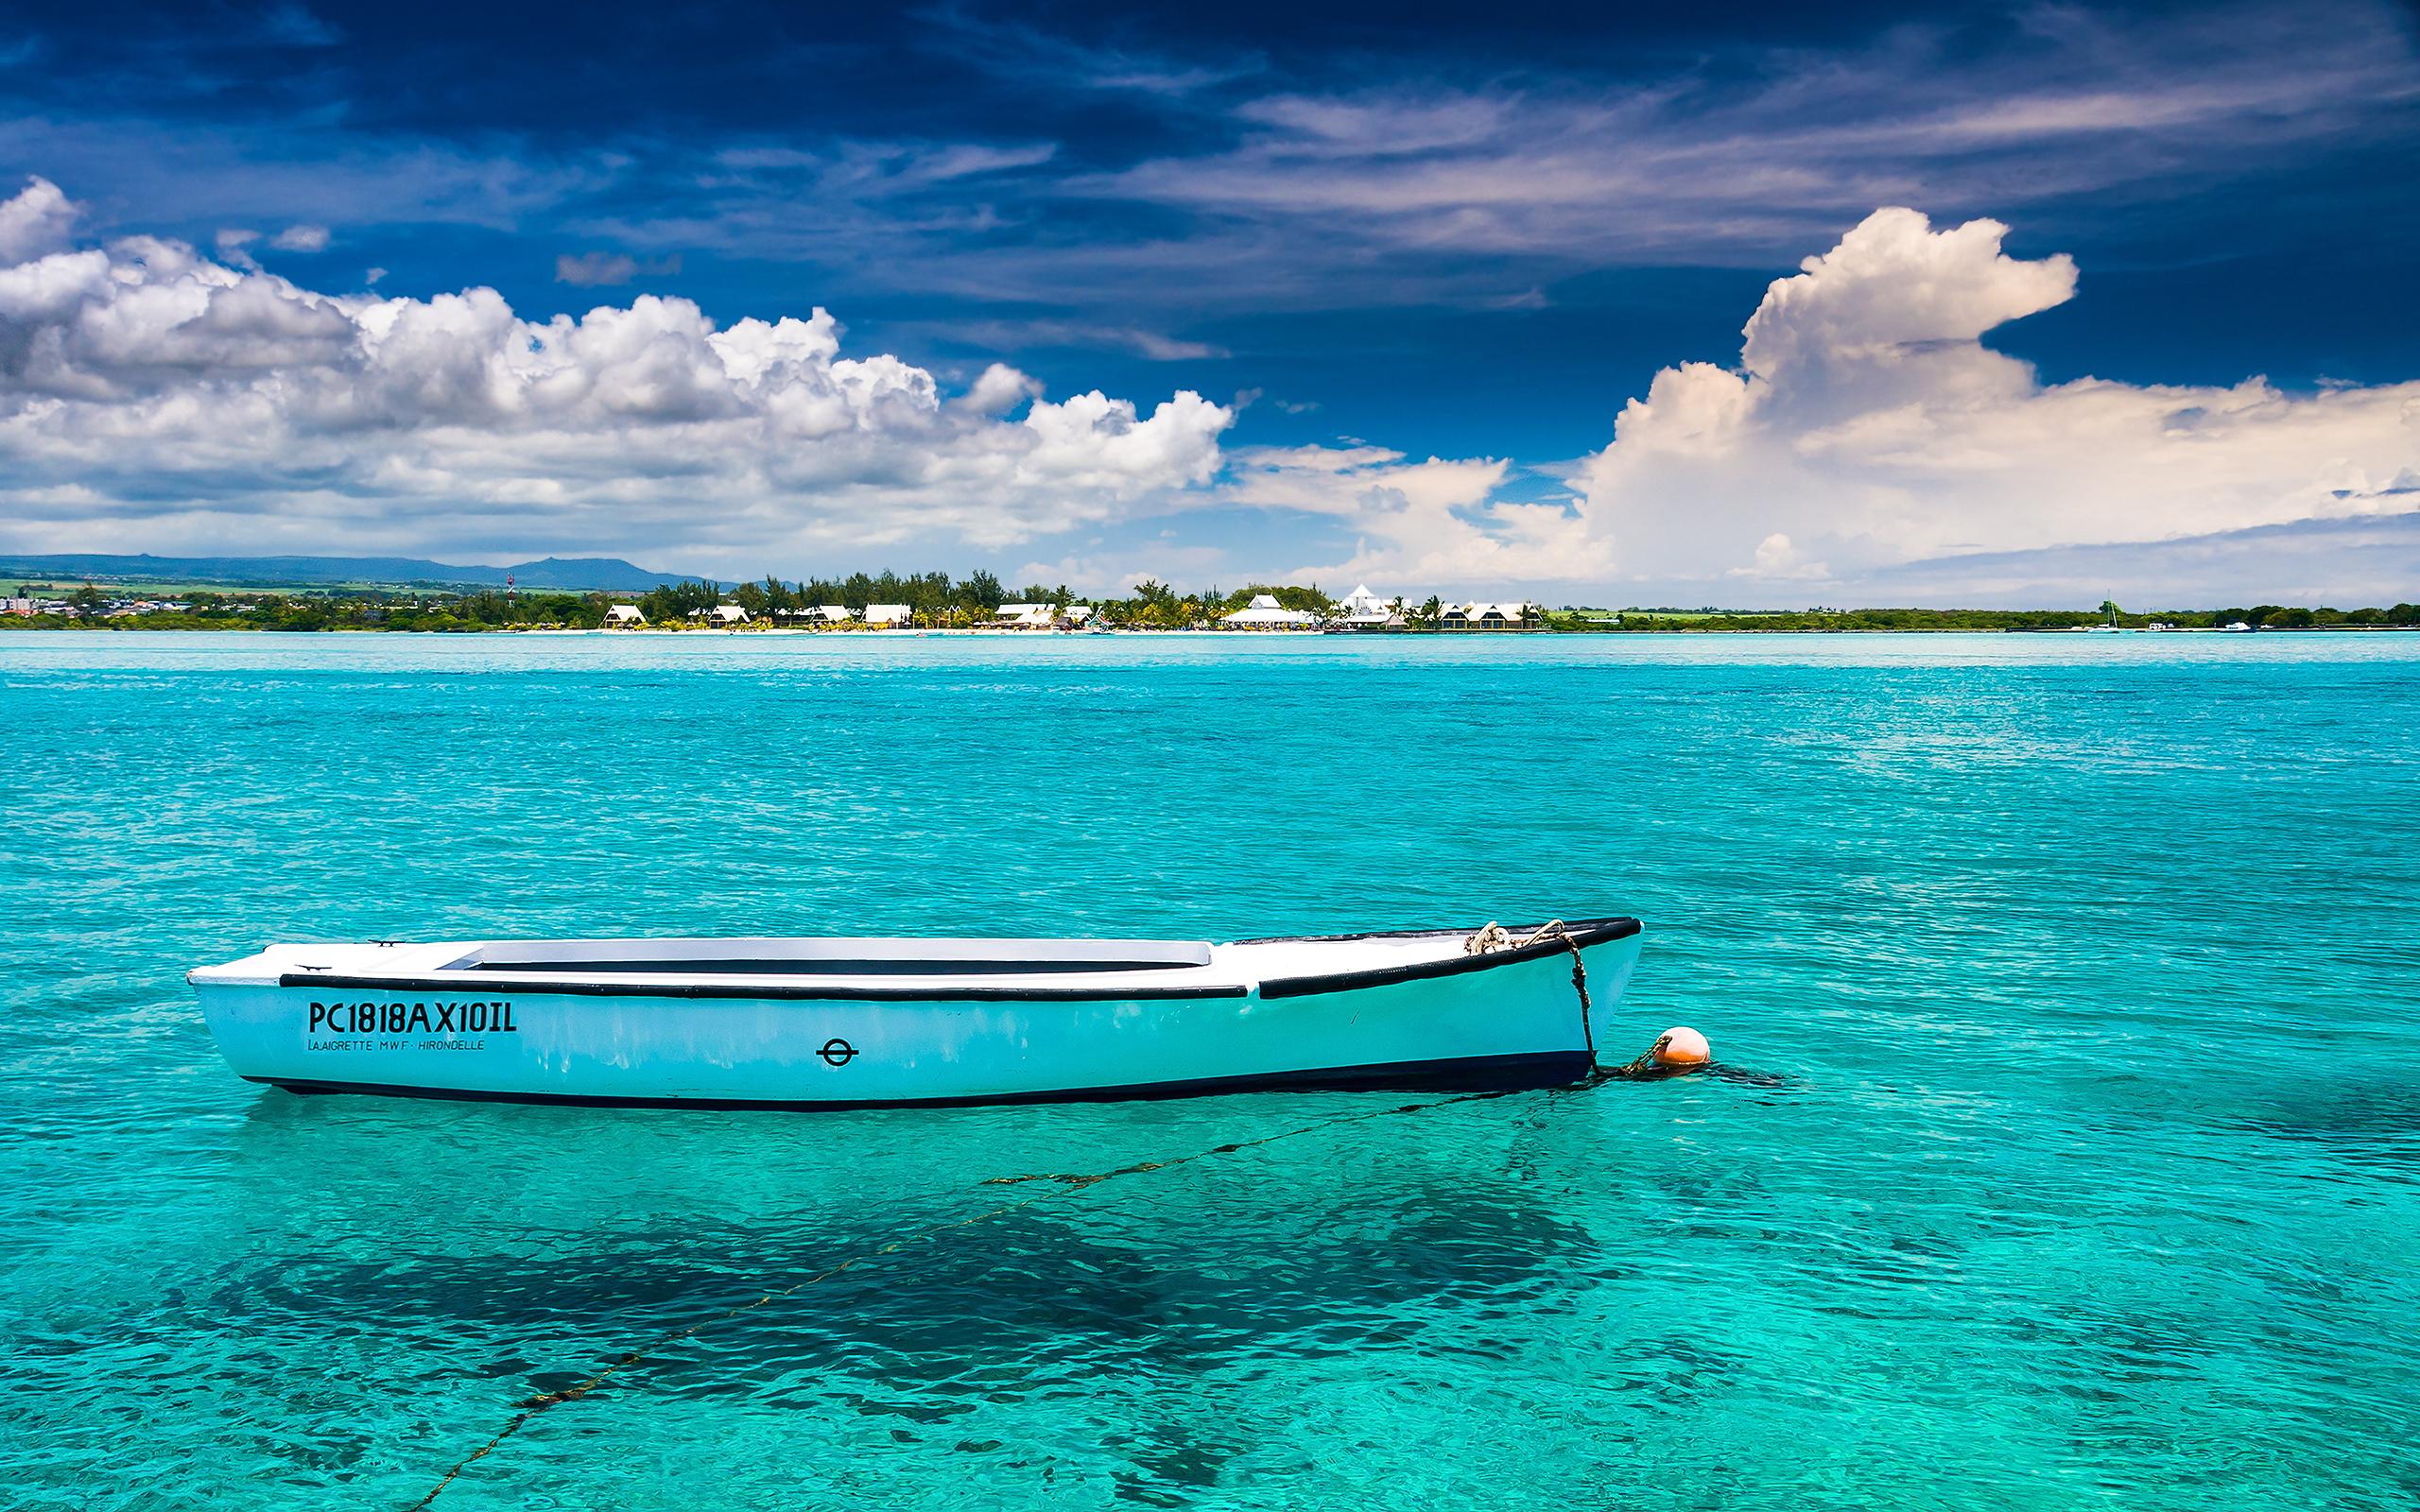 mauritius-blue-bay-beach